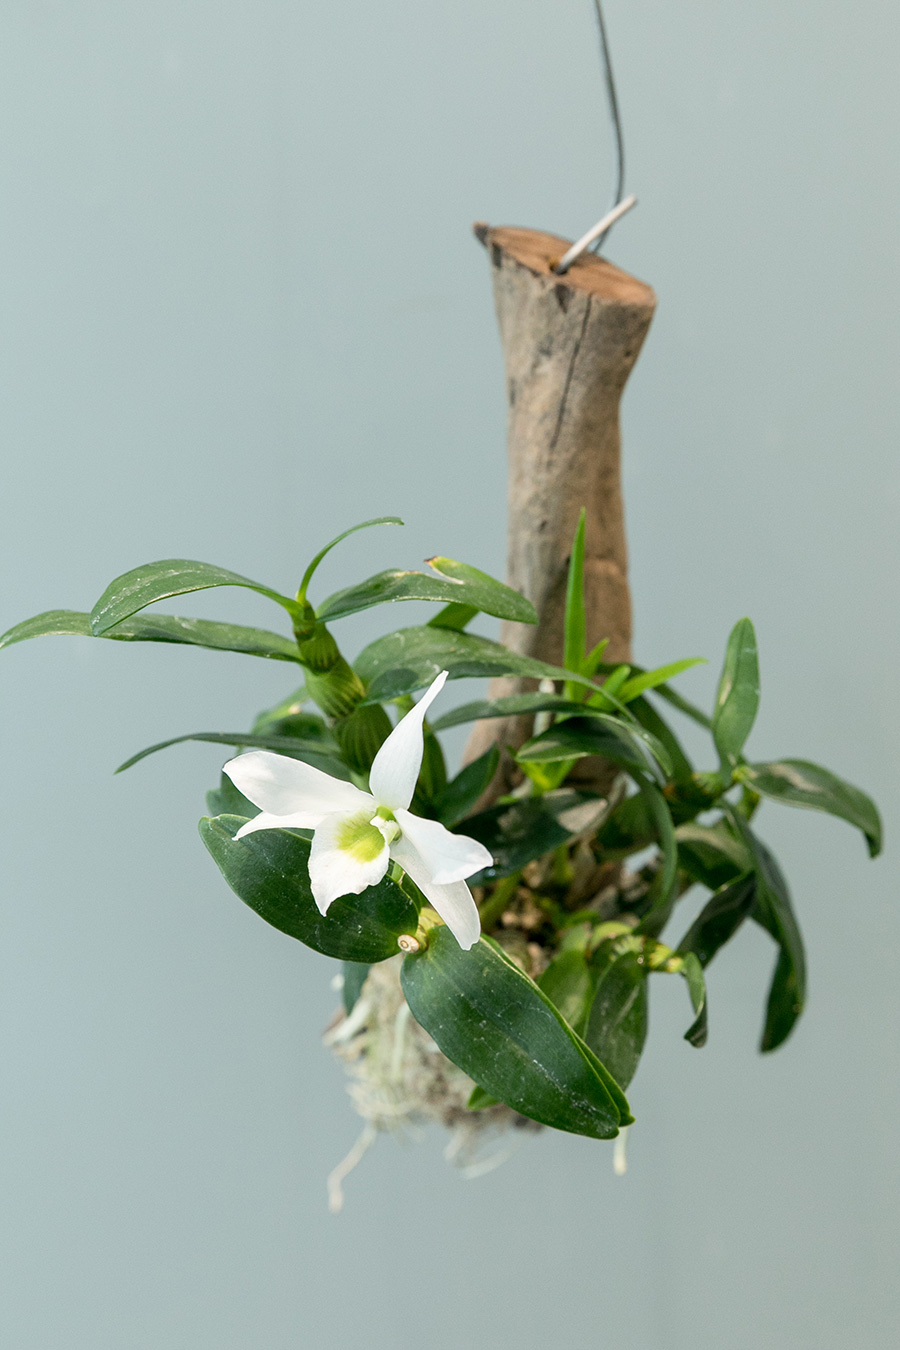 [Dendrobium Angelbaby] デンドロビウム エンジェルベビーは原種ではなく品種改良されたラン。比較的育てやすく、ランの入門には最適な種類。とてもよい香りの花も魅力。